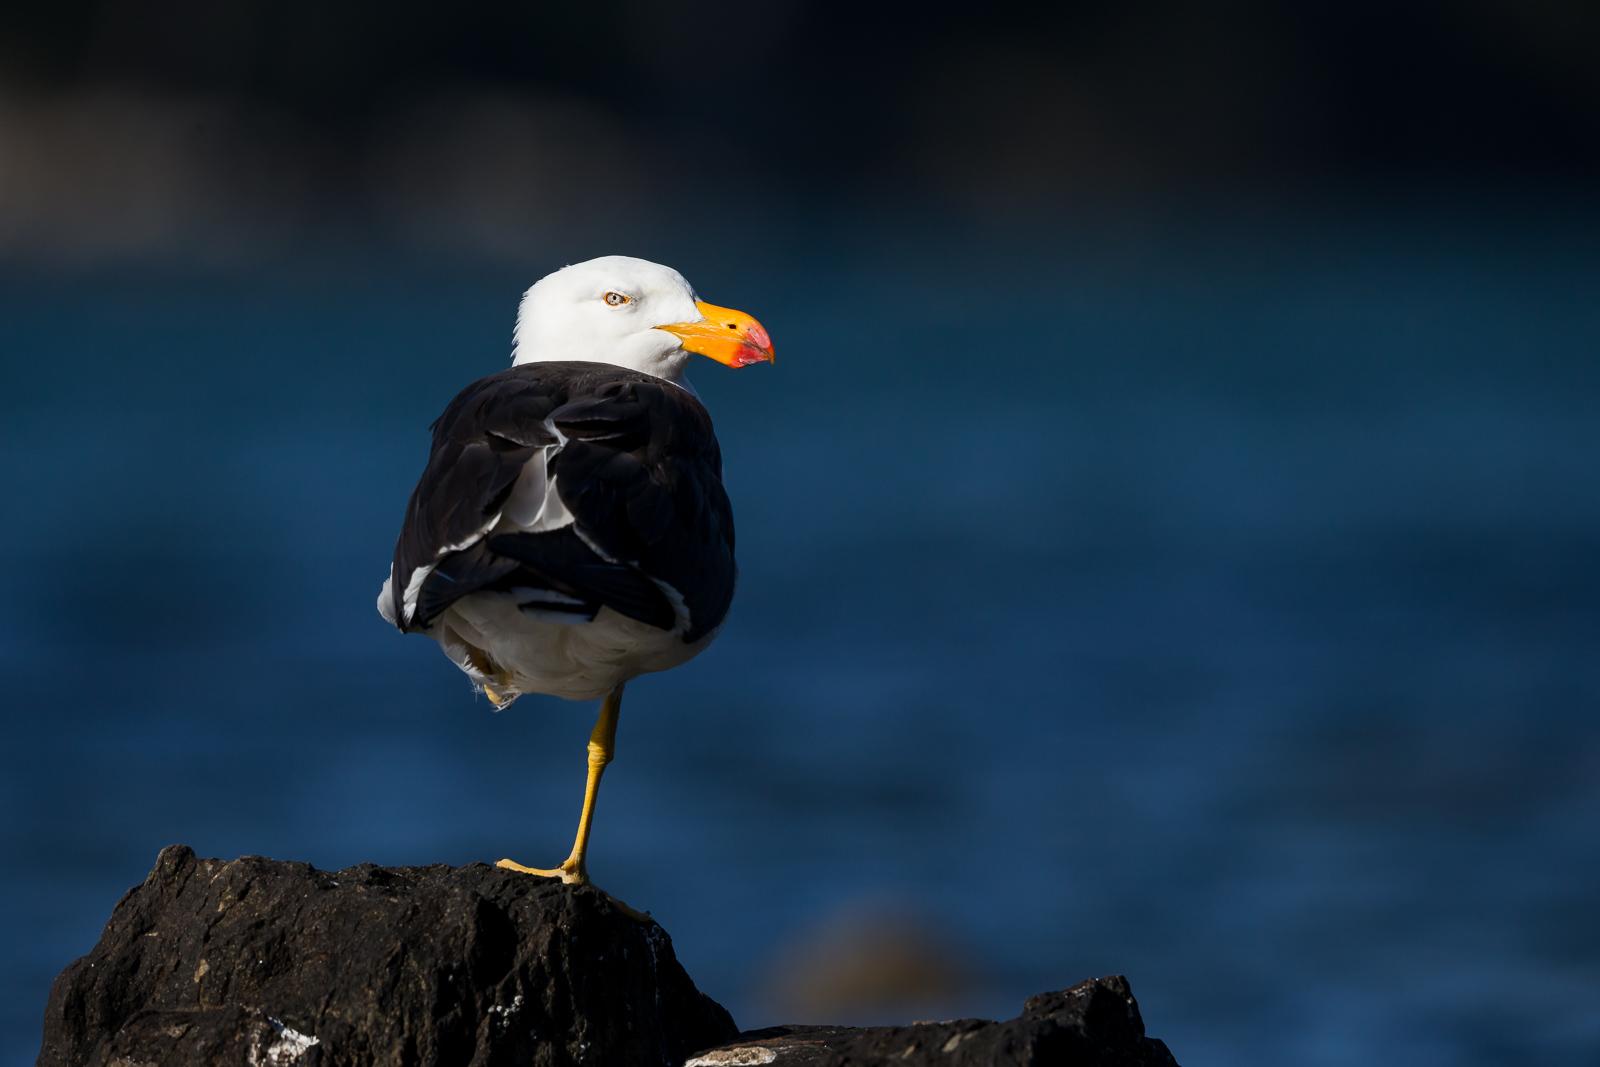 Pacific Gull_David_Stowe-9757-2.jpg